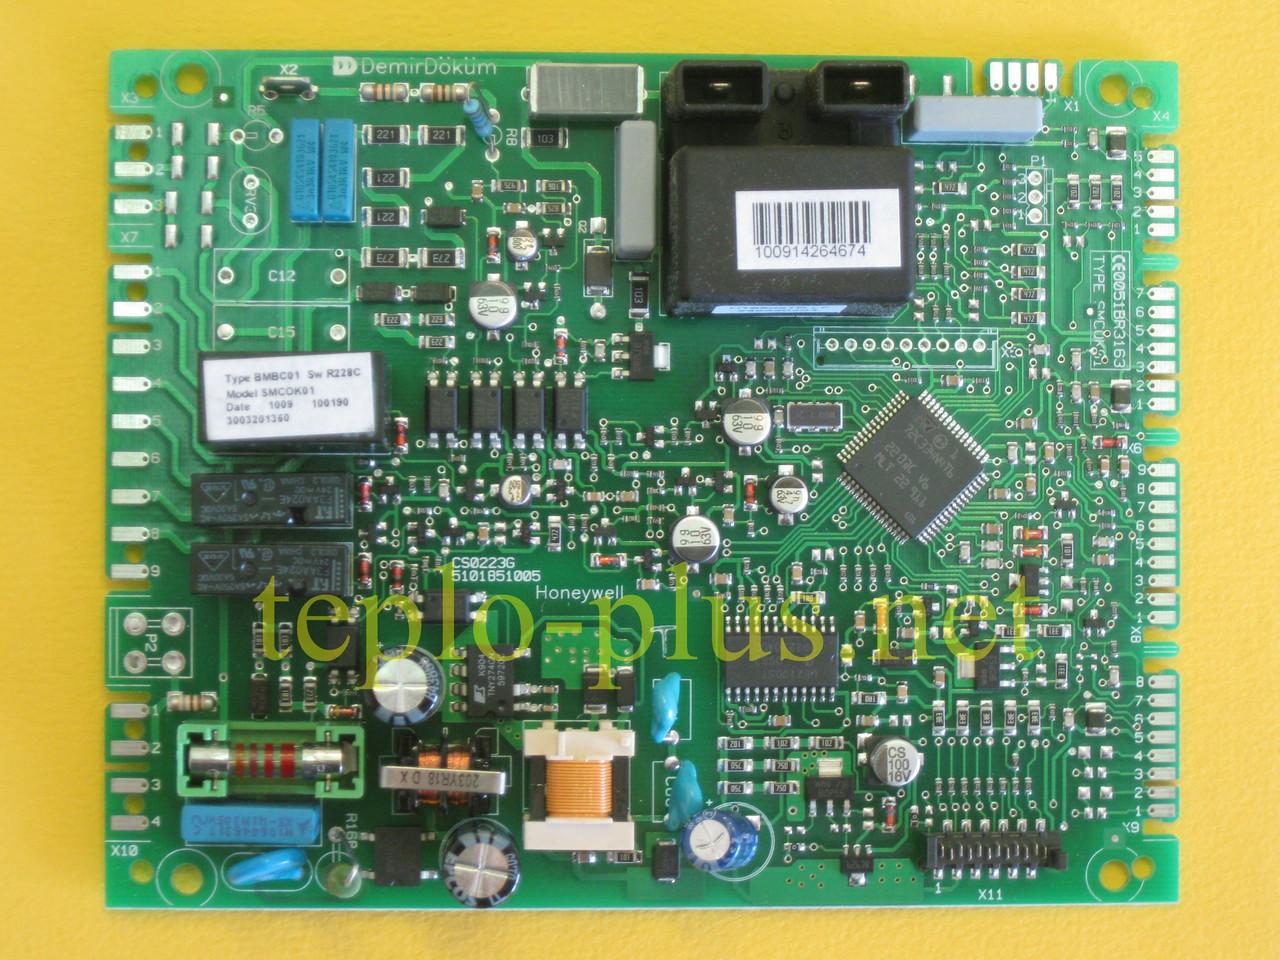 Плата управління 3003201360 (D003201360) Demrad Kalisto HKD (BKD) 120/220, HKD (BKD) 124/224, HKD(BKD) 130/230